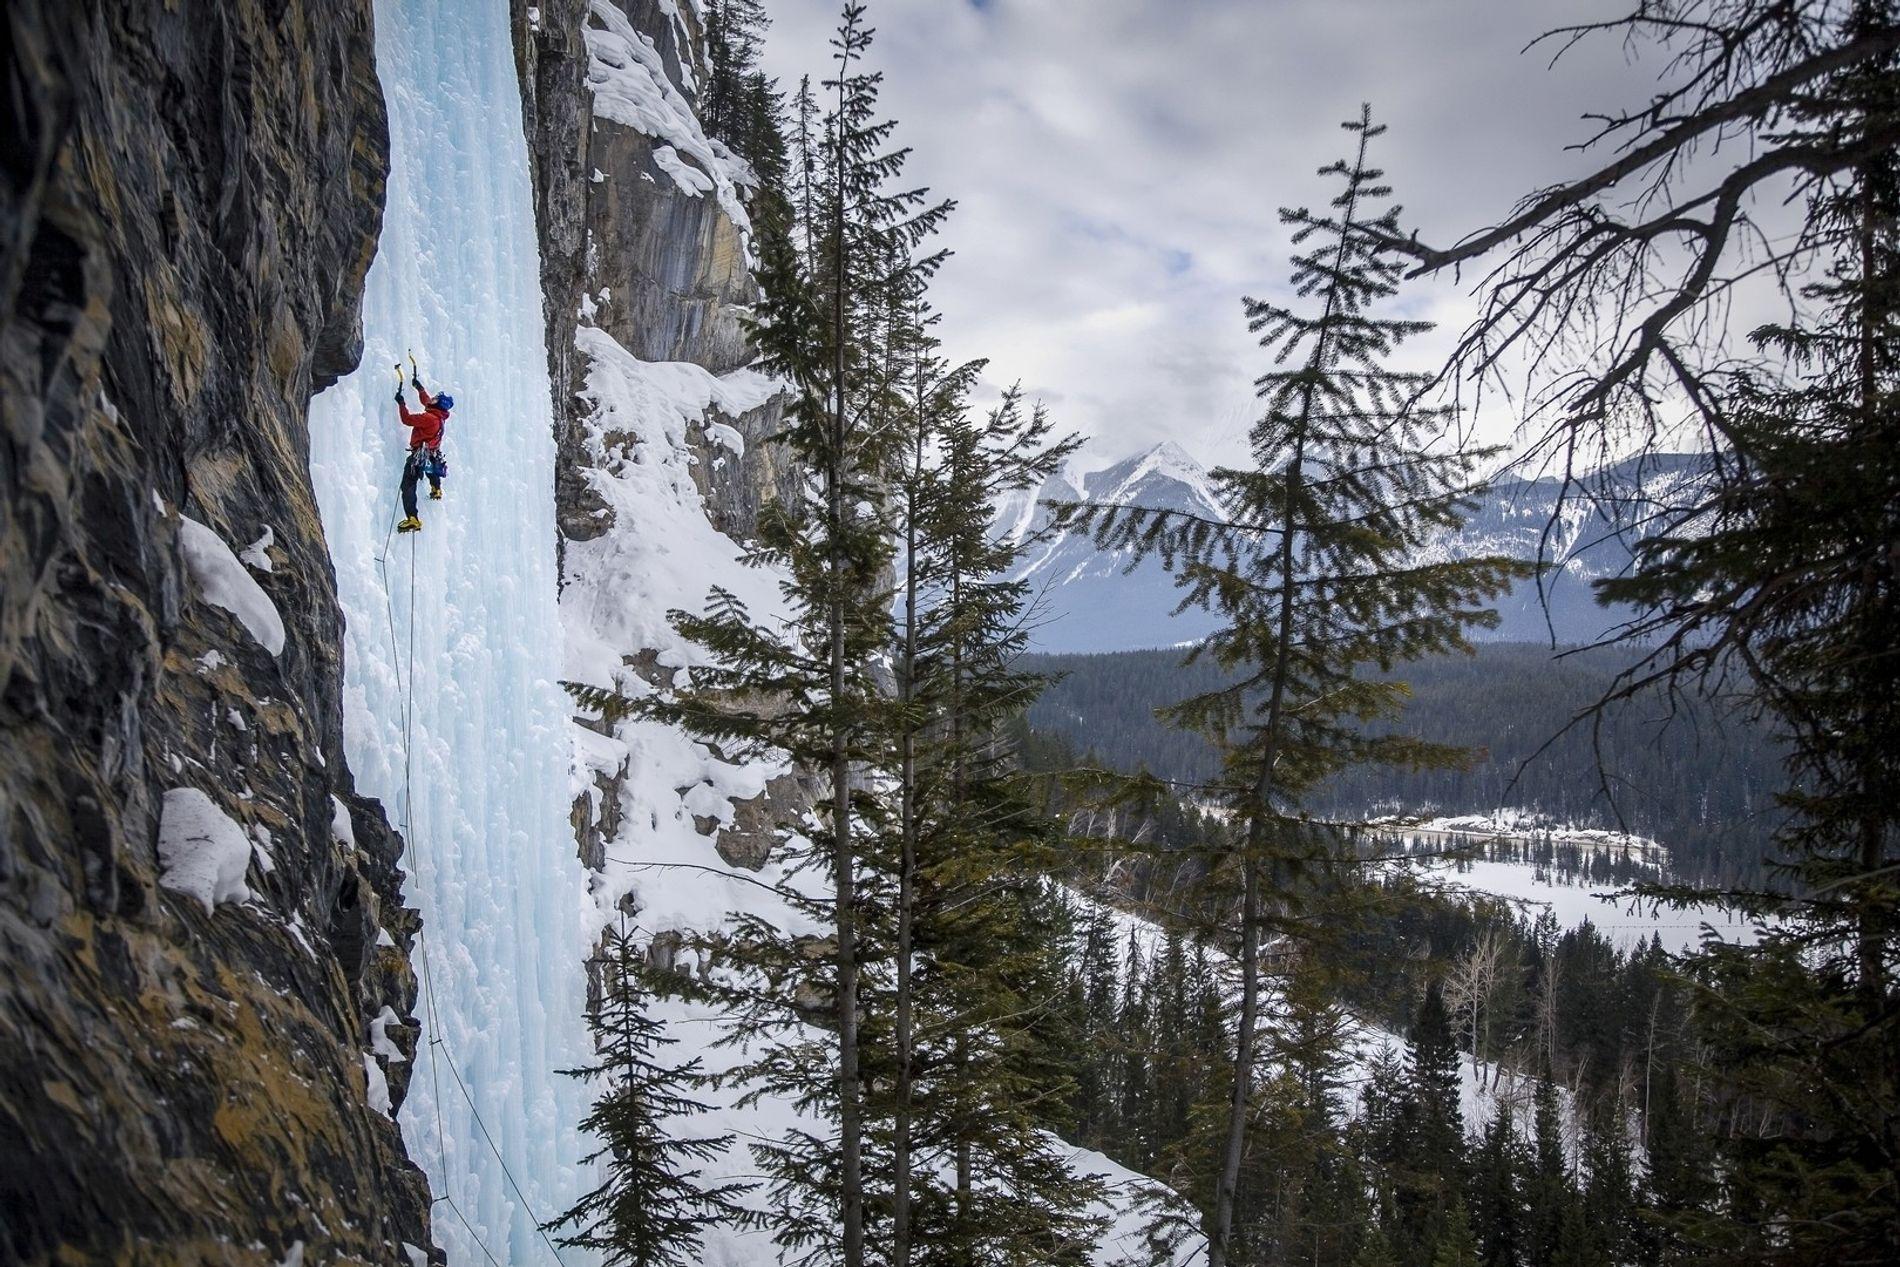 Einen unvergleichlichen Adrenalinkick bietet Eisklettern an den Wasserfällen in Alberta. Dieser Sport ist sowohl für interessierte ...